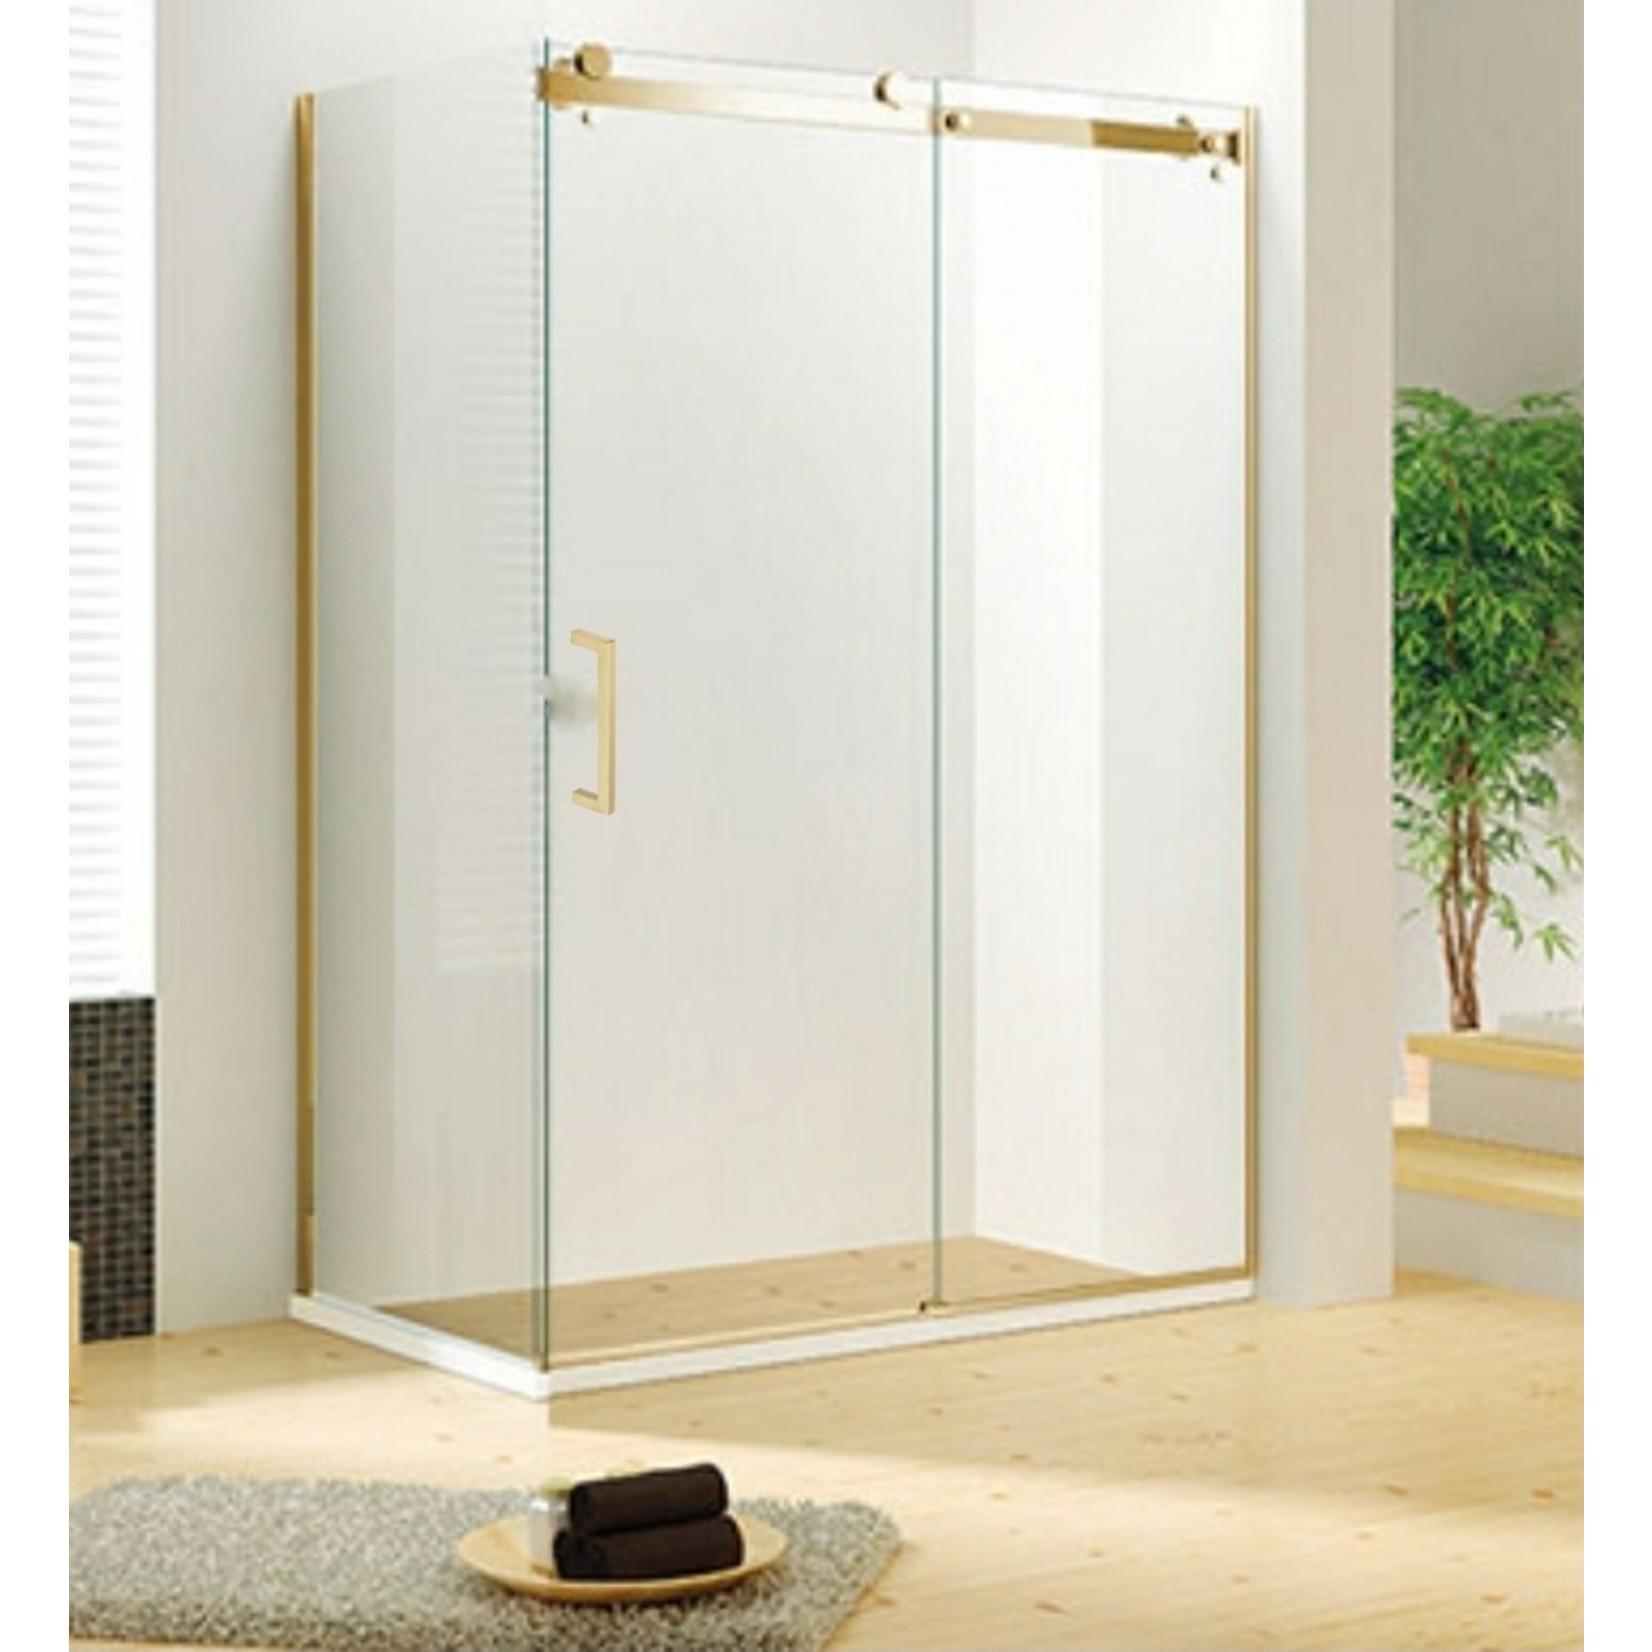 Ensemble de douche réversible 36x60 Or brossé série Quartz Jade bath